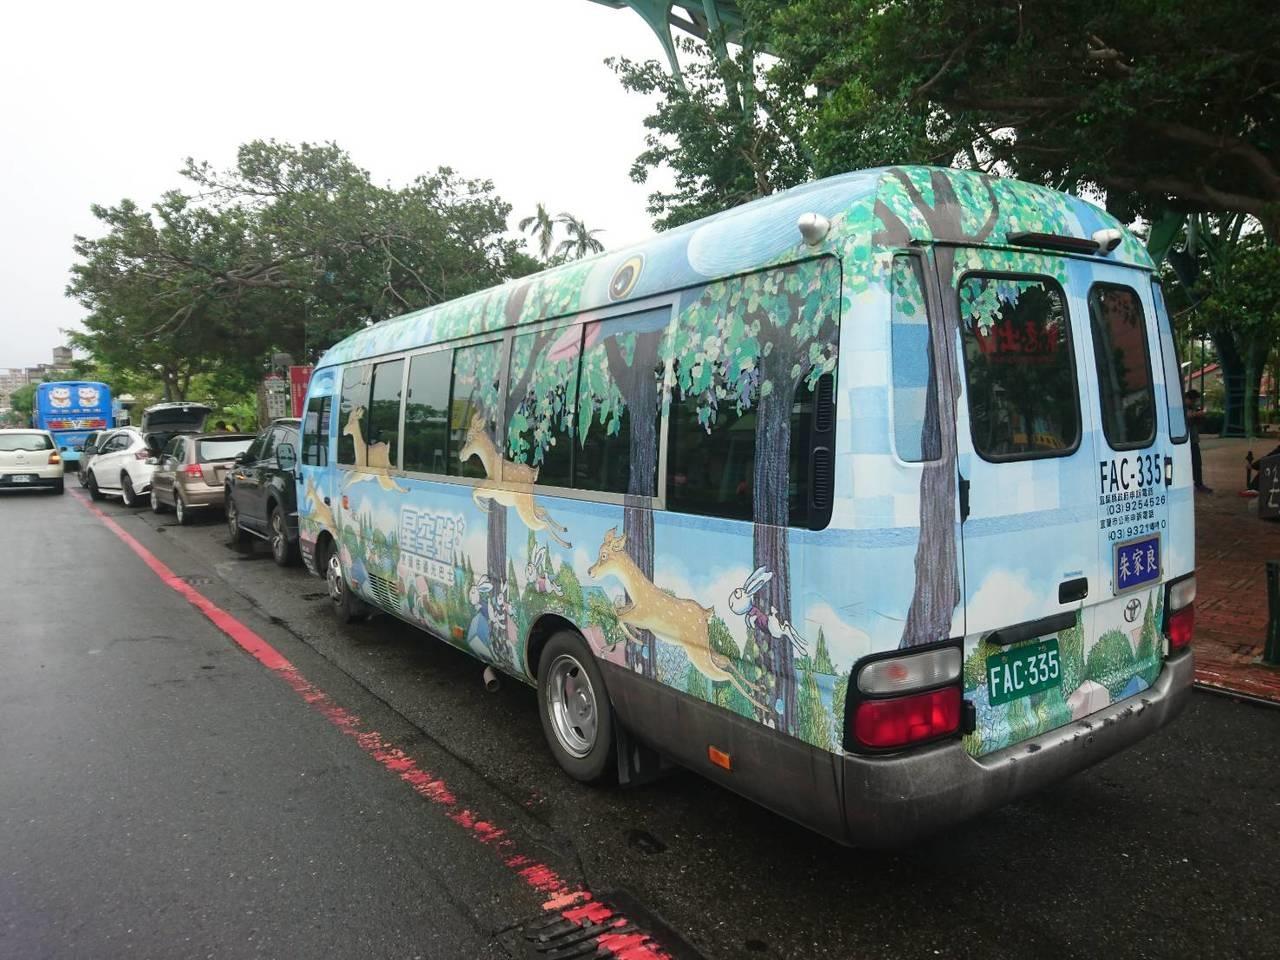 宜蘭市公所的幾米觀光巴士開放周二與周四預約,5人成行,指定站點與時間接駁。 記者羅建旺/攝影